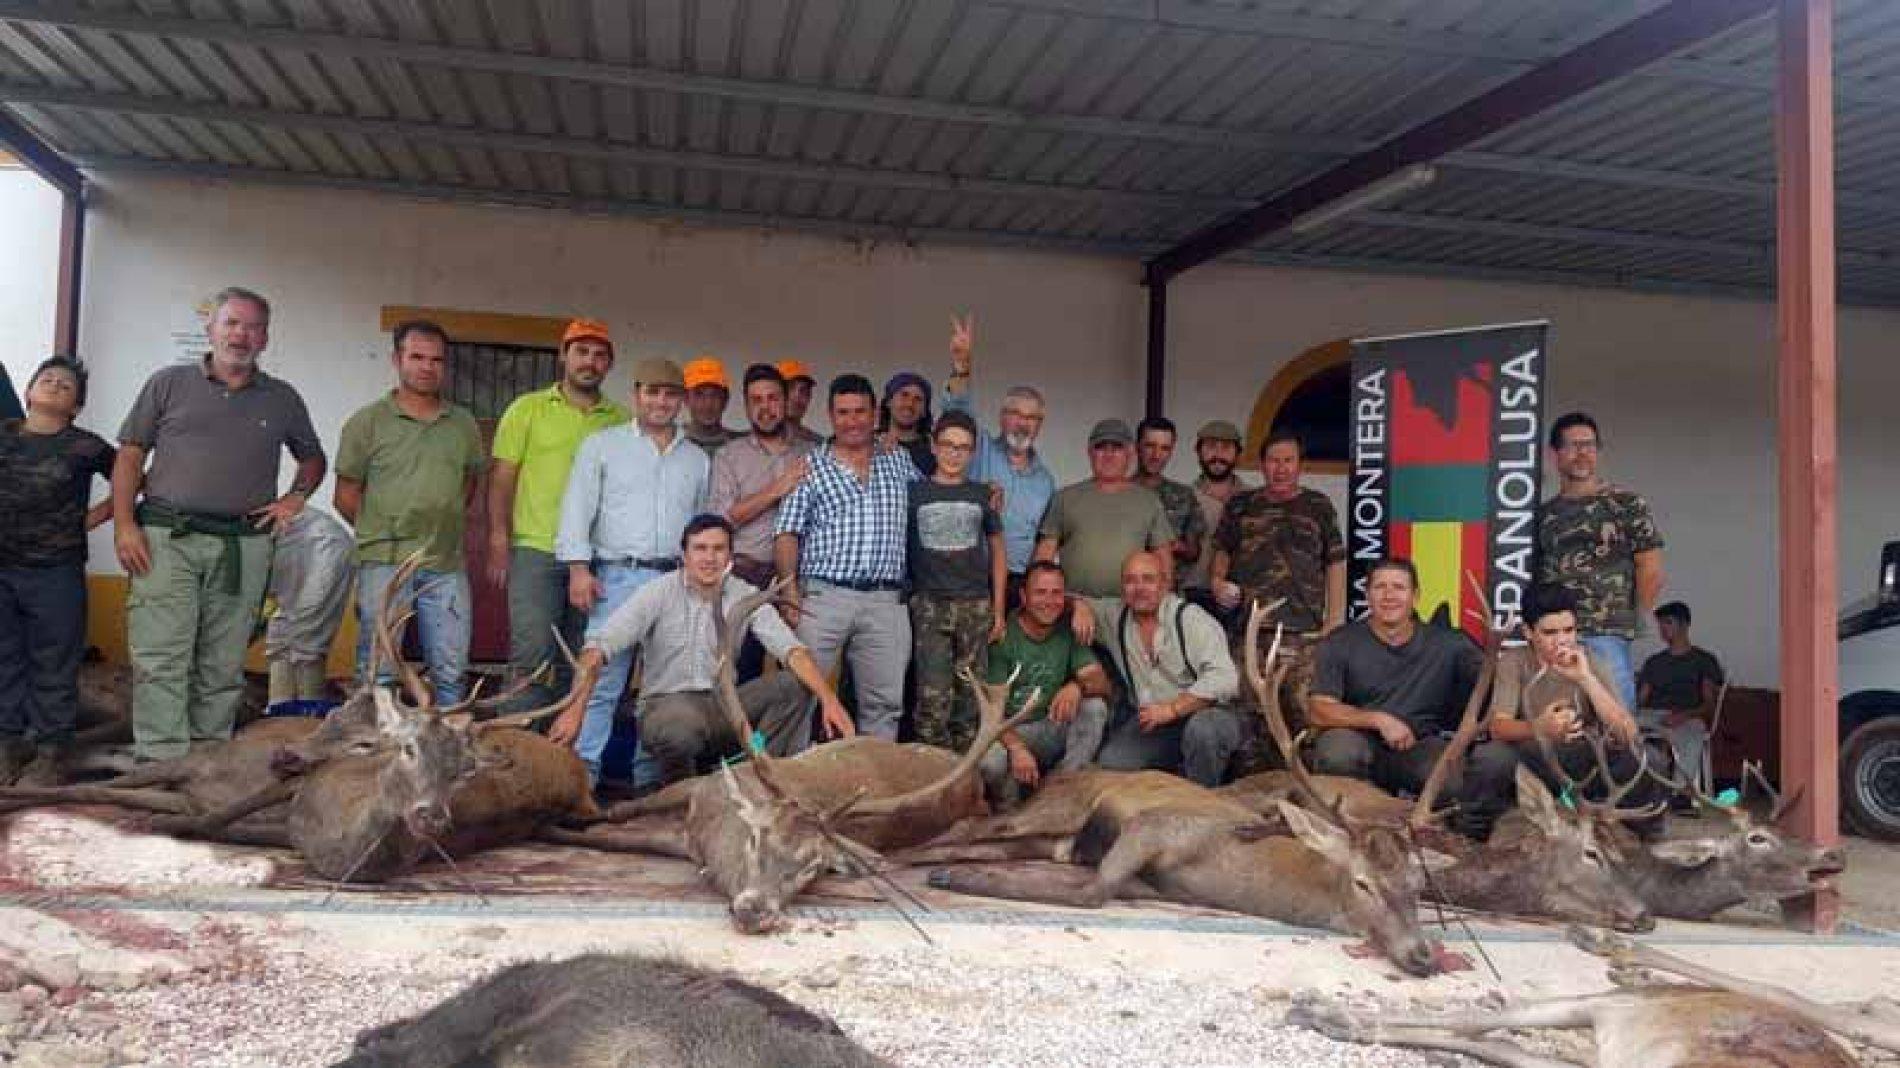 Gran trabajo de la rehalas en la montería Herdade da Serpa